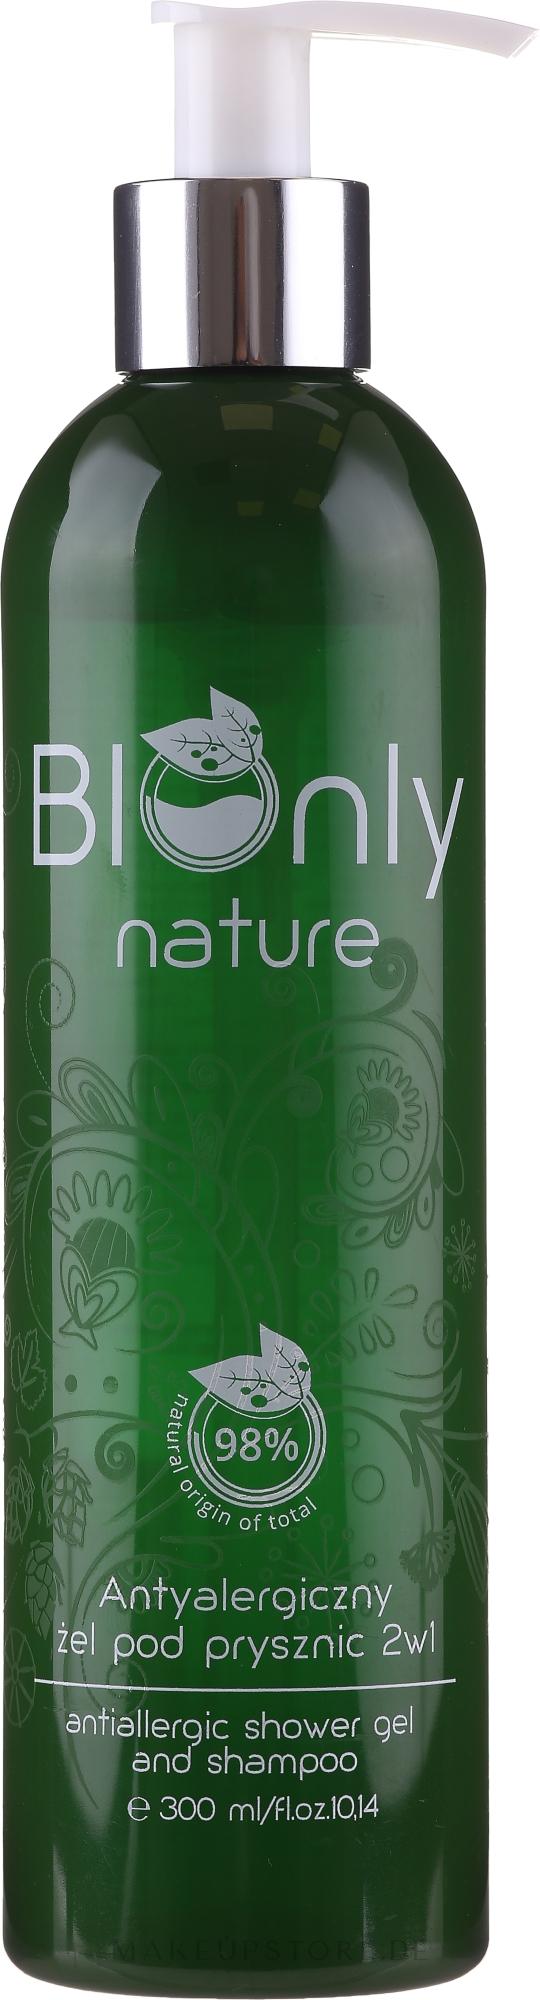 2in1 Antiallergisches Shampoo und Duschgel - BIOnly Nature Antiallergic Shower Gel 2in1 — Bild 300 ml